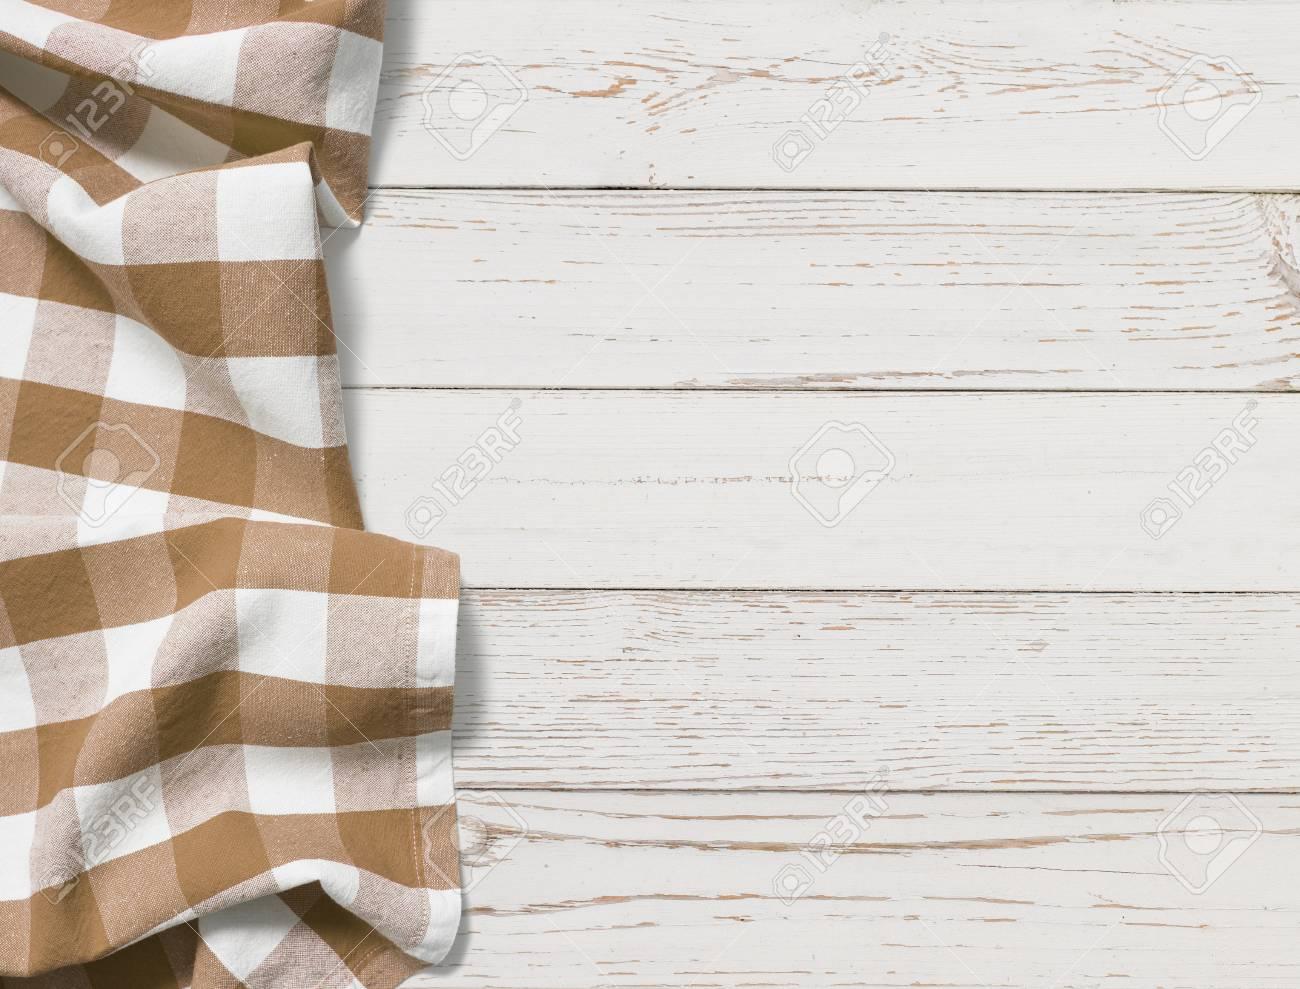 Nappe Plie Marron Avec Une Table En Bois Blanc